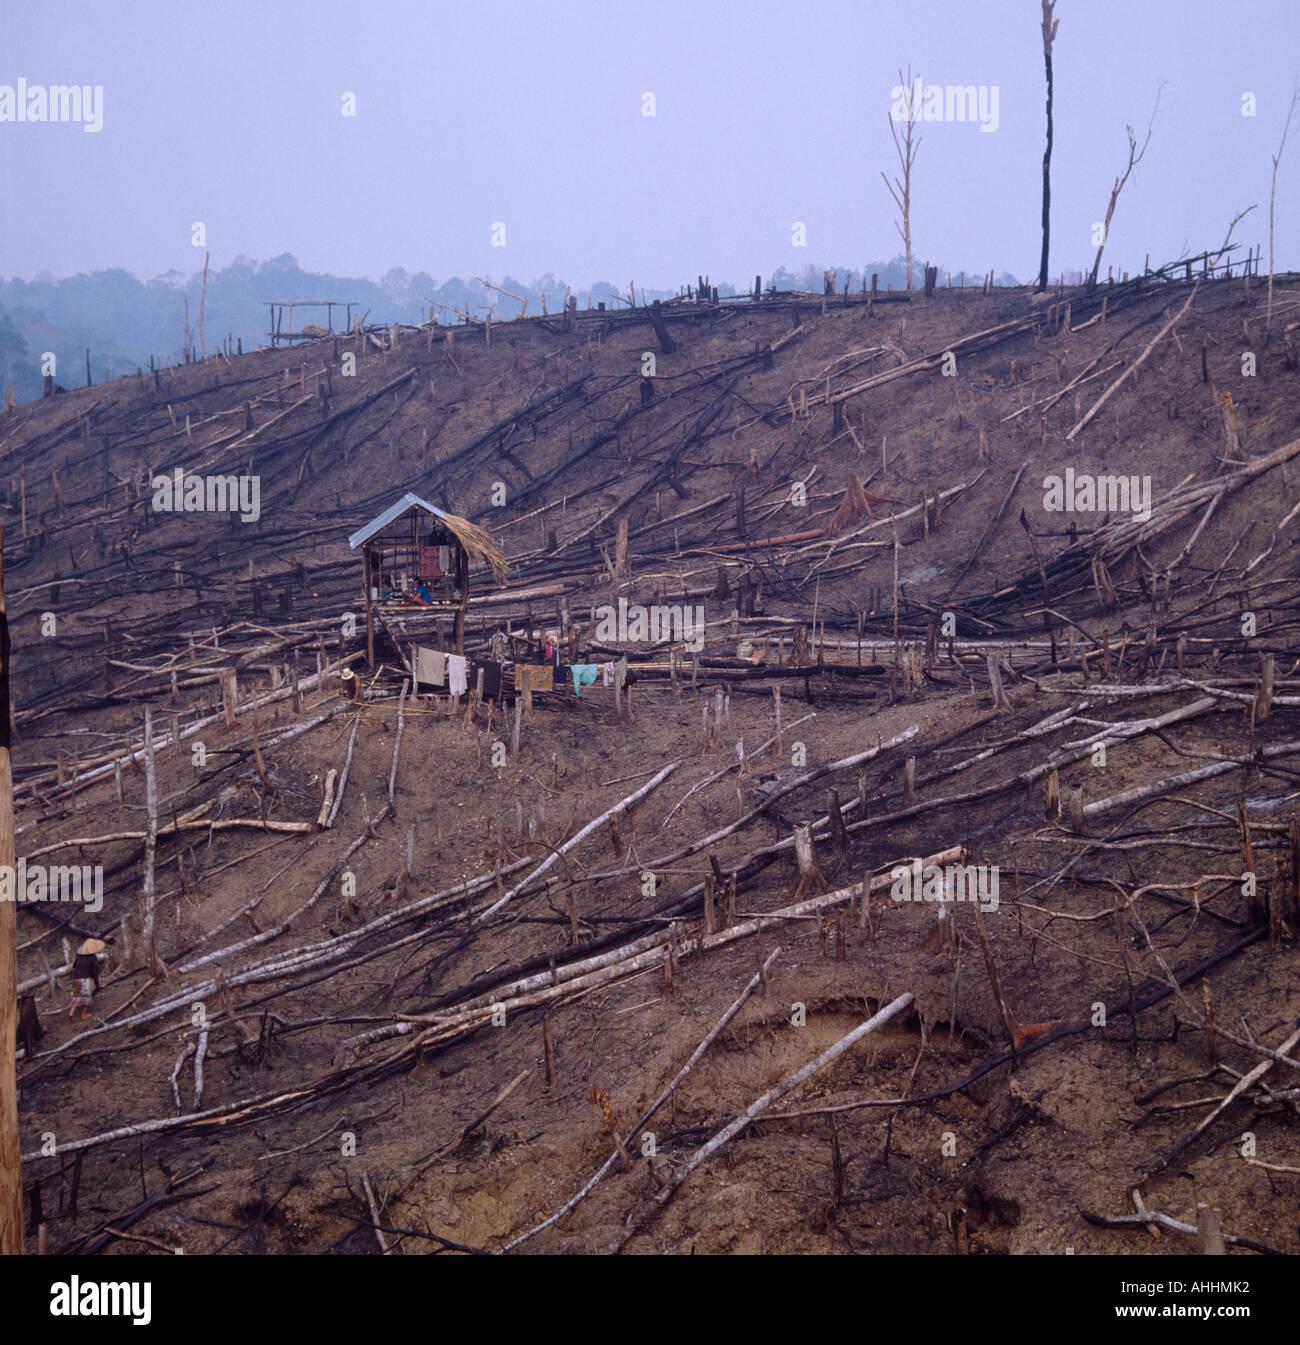 Indonésie Asie du sud-est de Sumatra, la déforestation. Dans la hutte de la famille au centre de la forêt défrichées récemment. Photo Stock